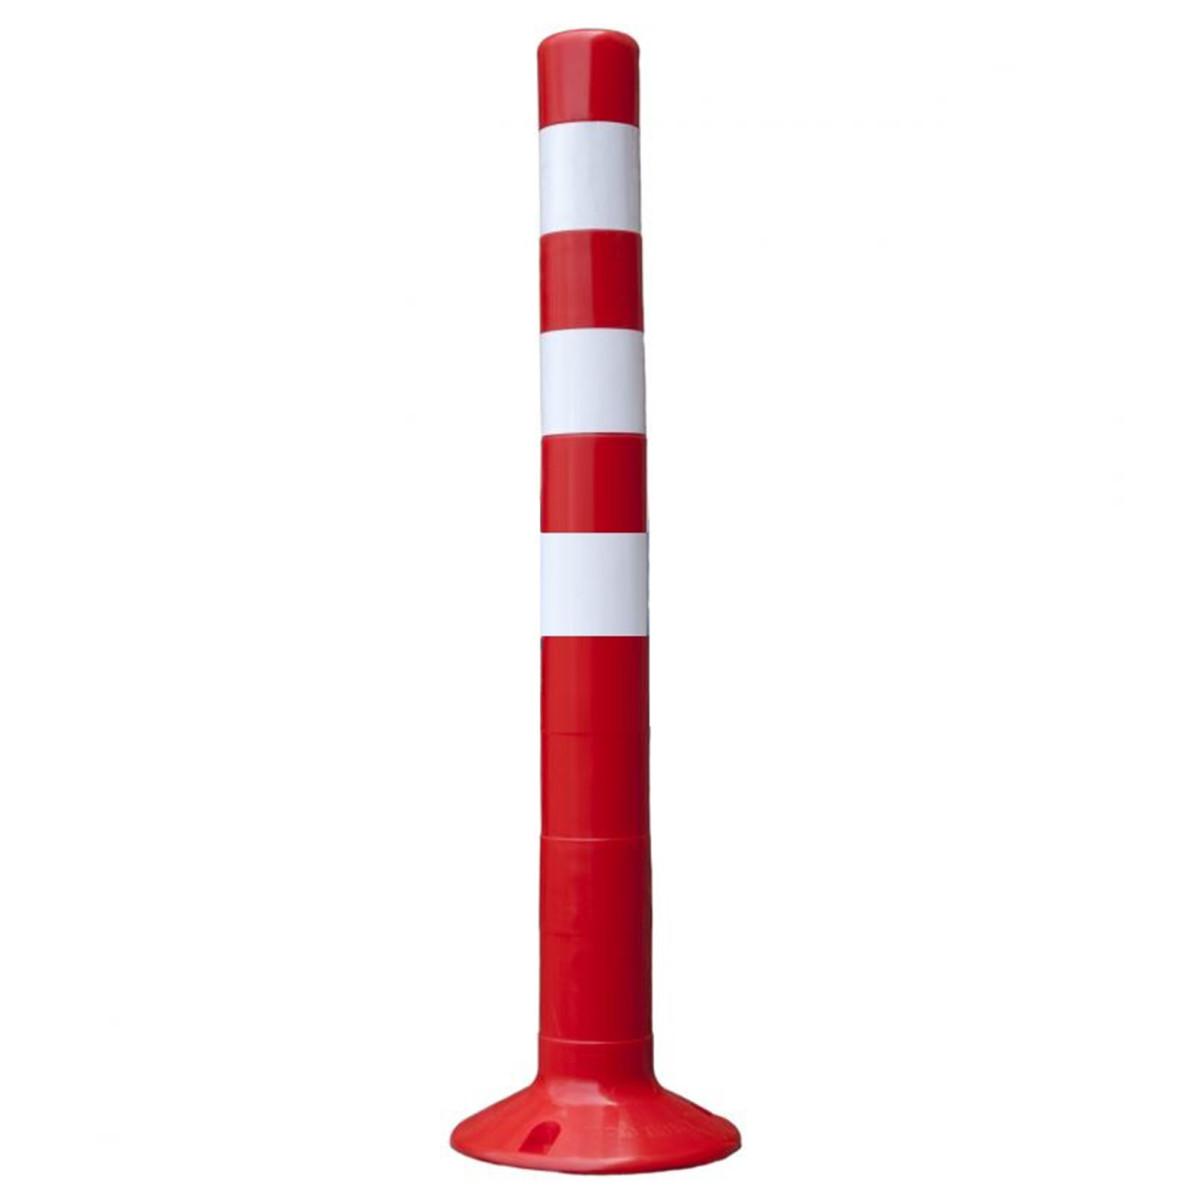 Парковочный столбик твердый 75 см цвет красный/белый